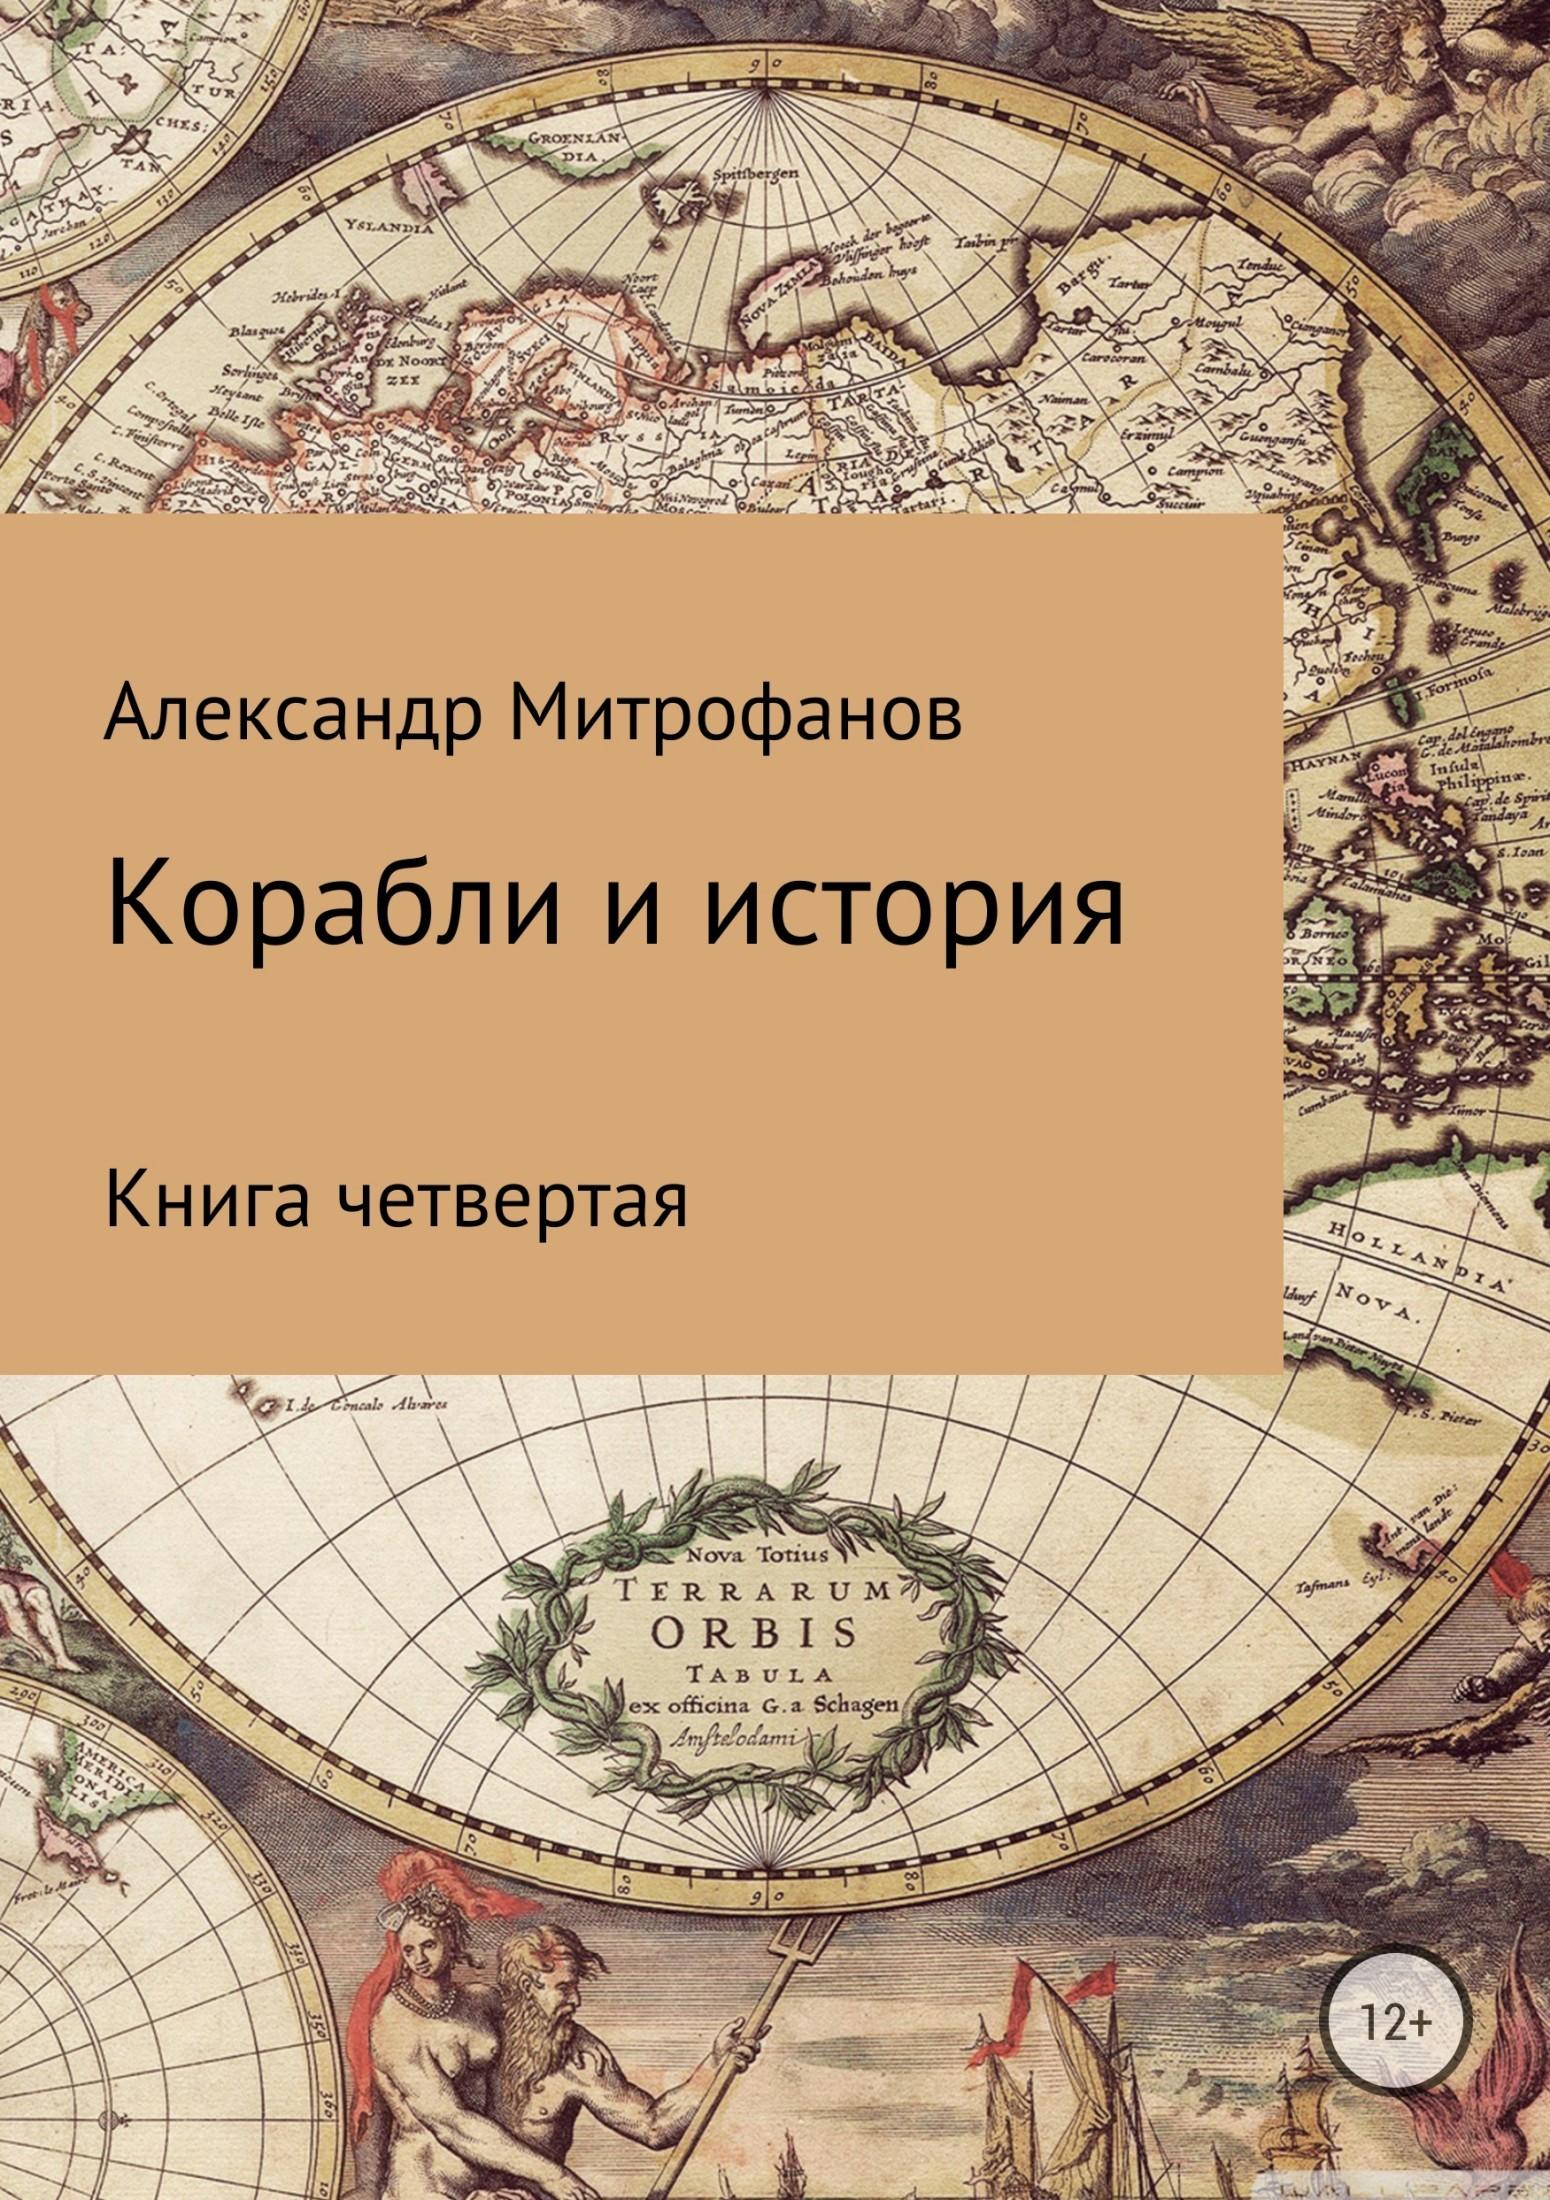 Корабли и история. Книга четвертая ( Александр Федорович Митрофанов  )